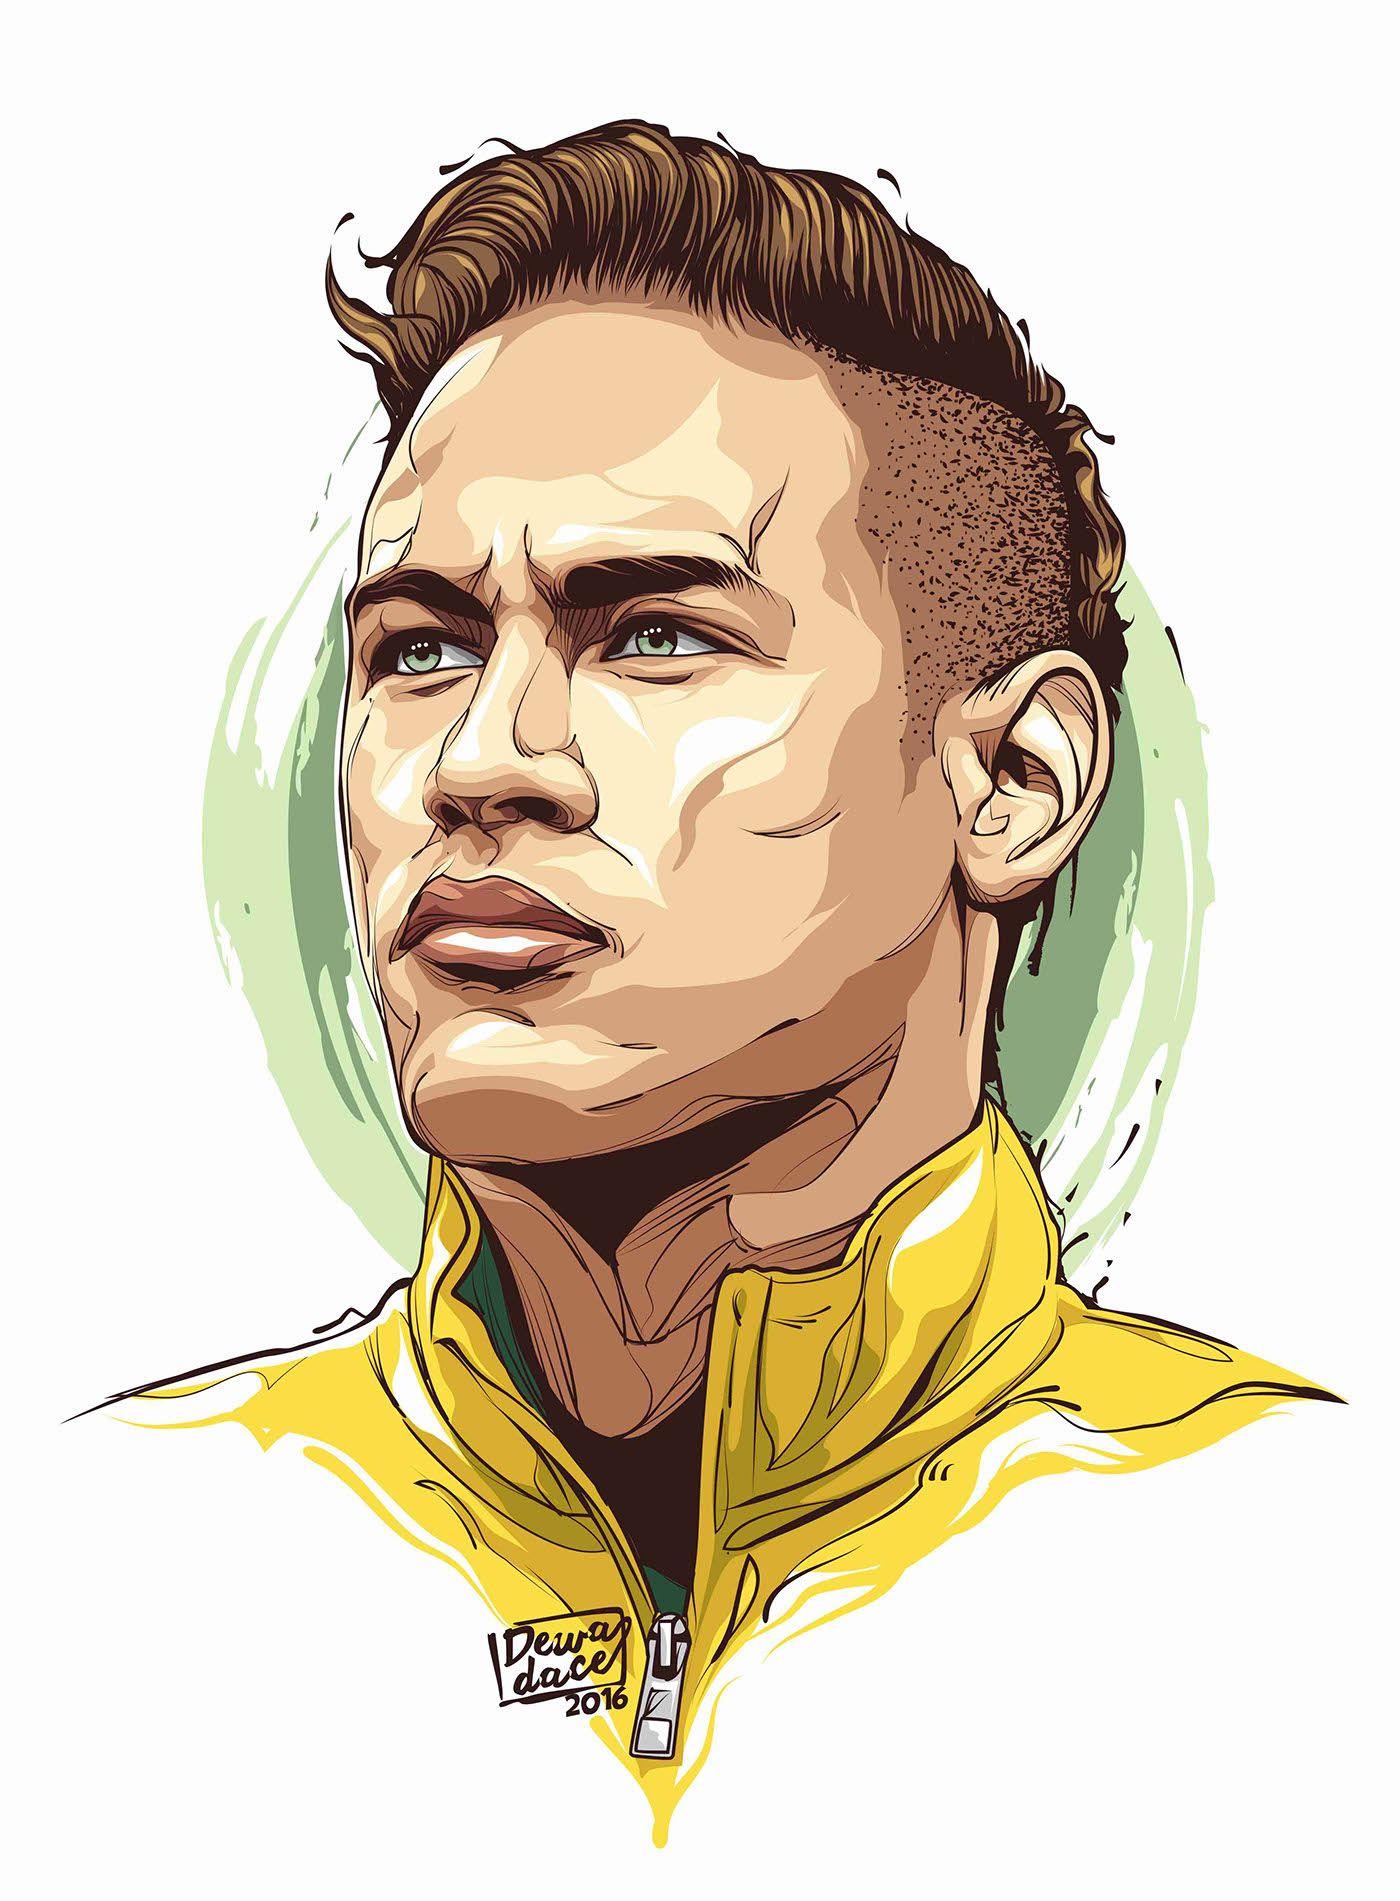 Newmar Jr On Behance Neymar Jr Wallpapers Football Player